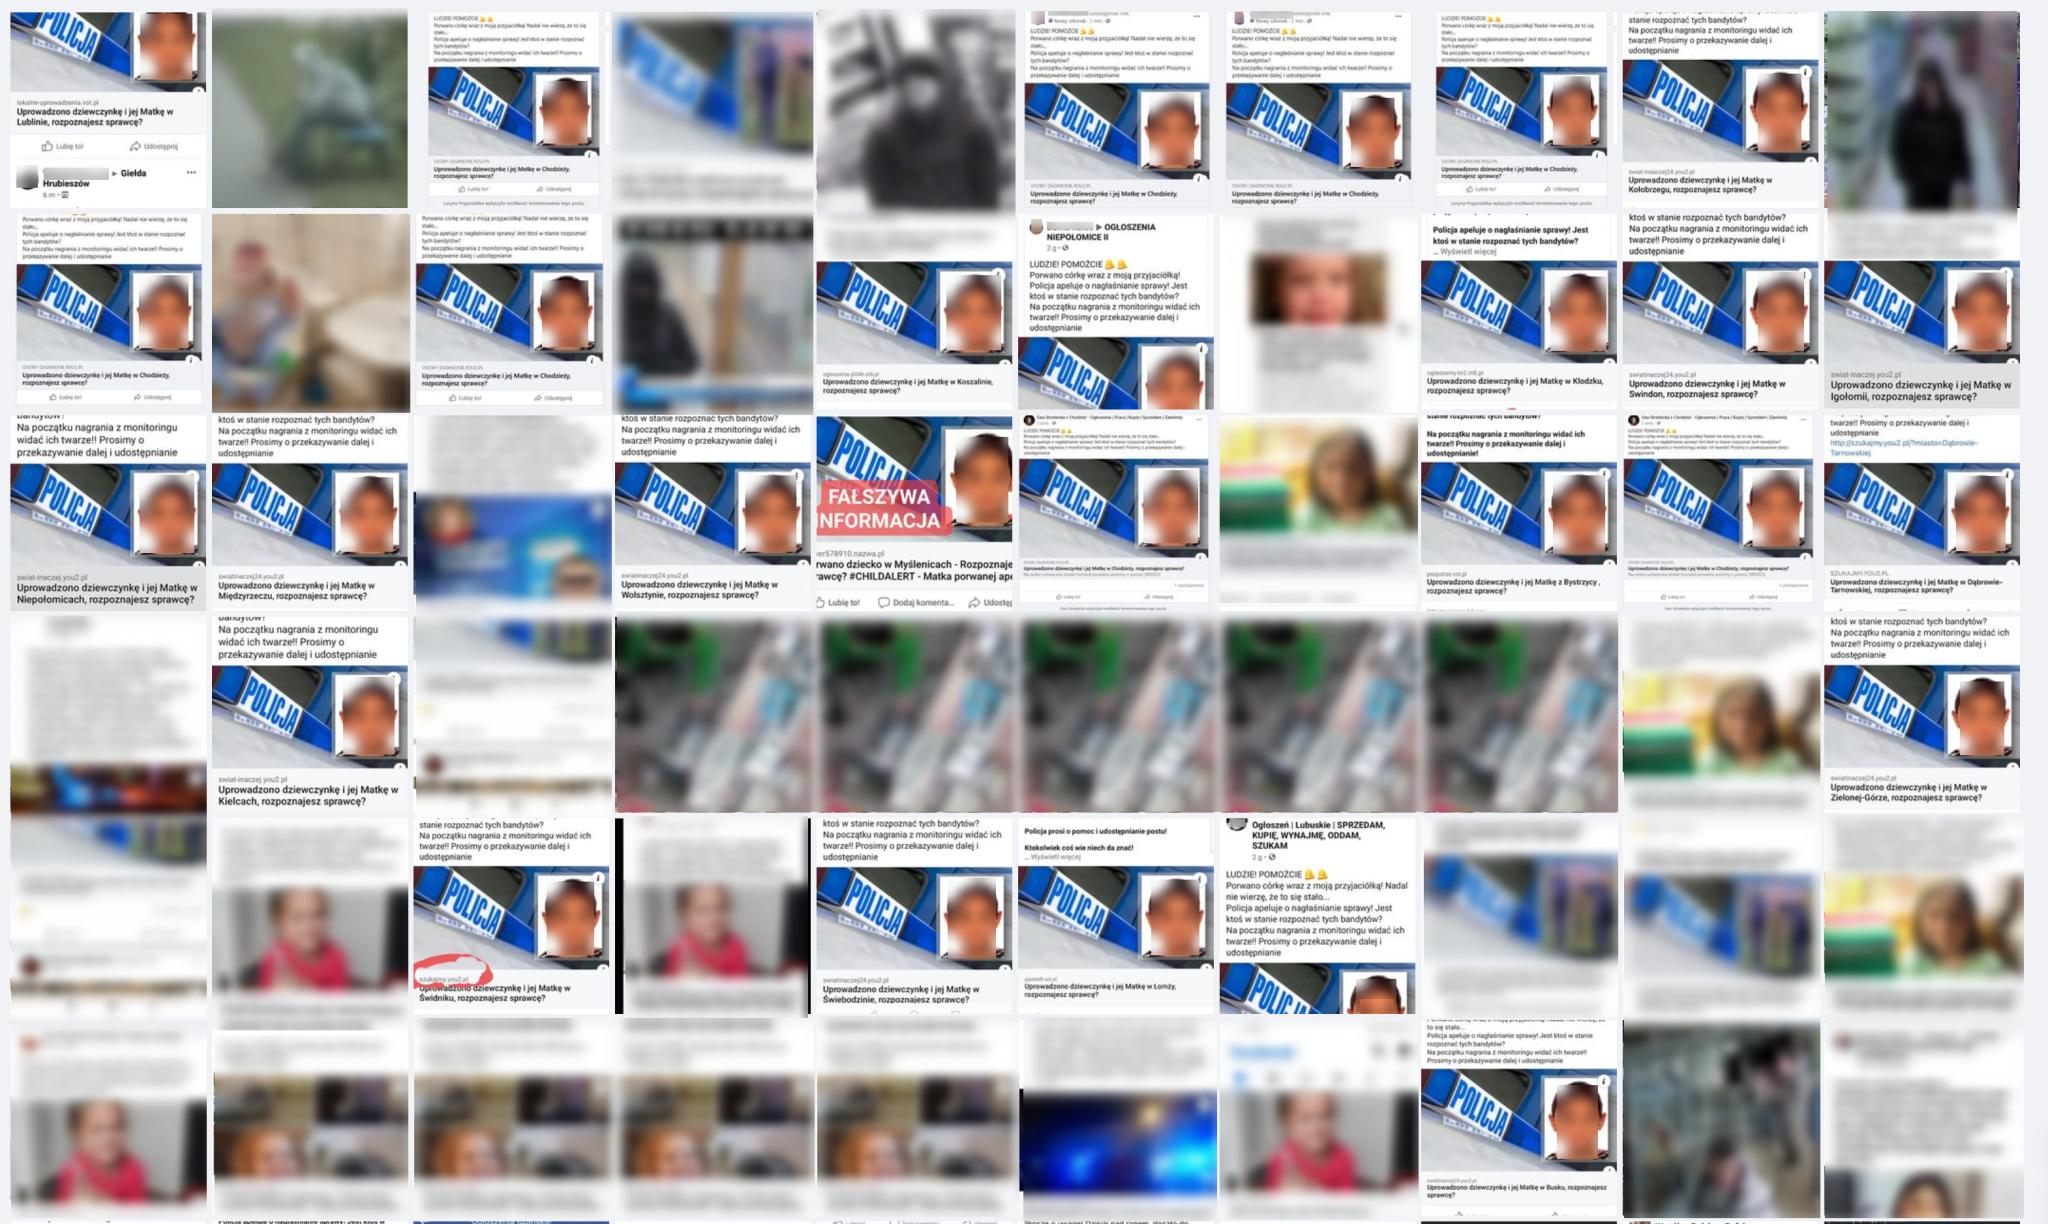 Kilkadziesiąt facebookowych wpisów o porwaniu jednej dziewczynki